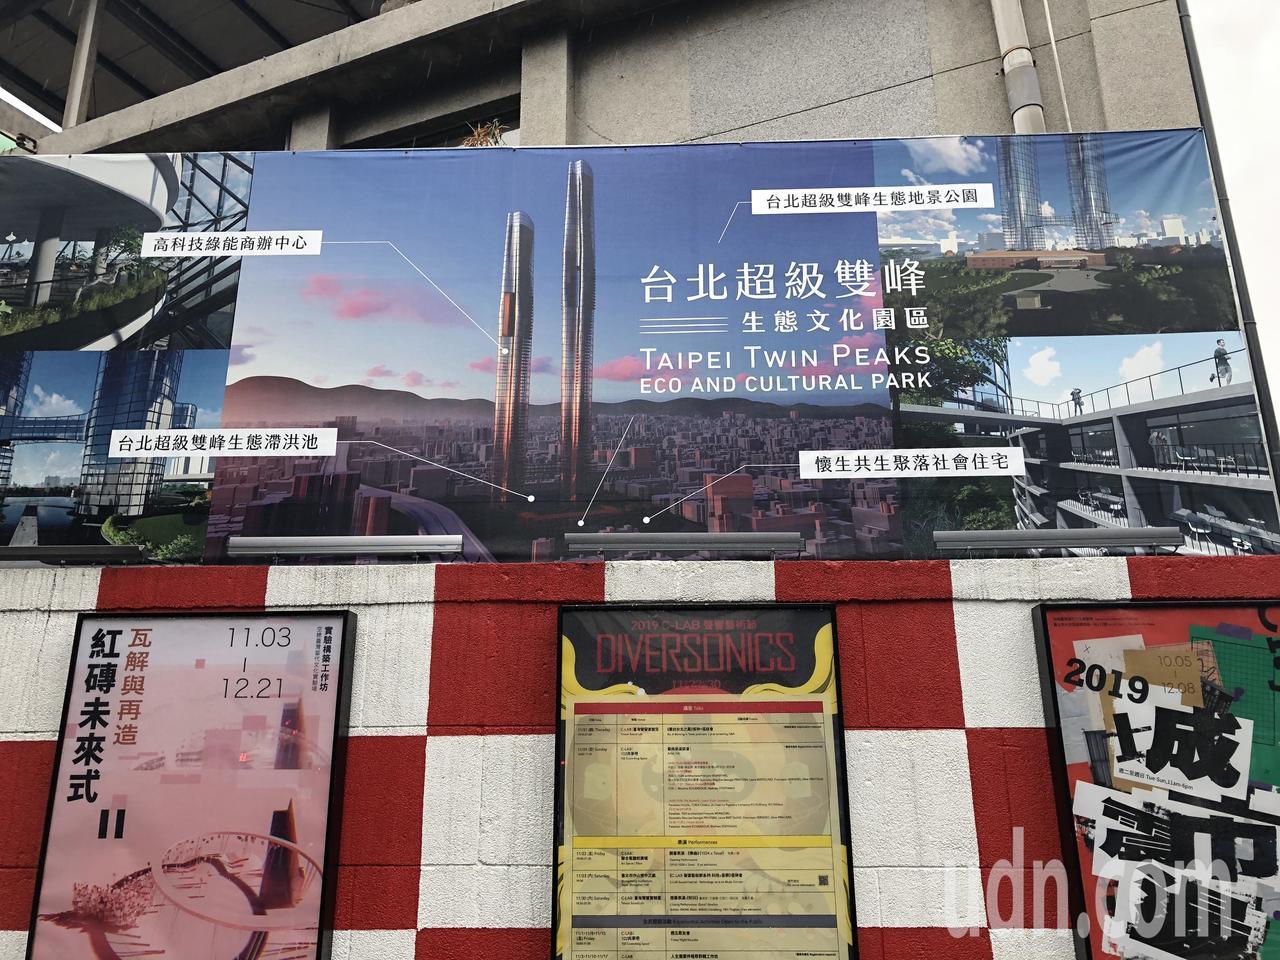 藝術家崔廣宇在空總展出「超級進化:台北超級雙峰生態文化園區開發案」,以虛擬建案希...